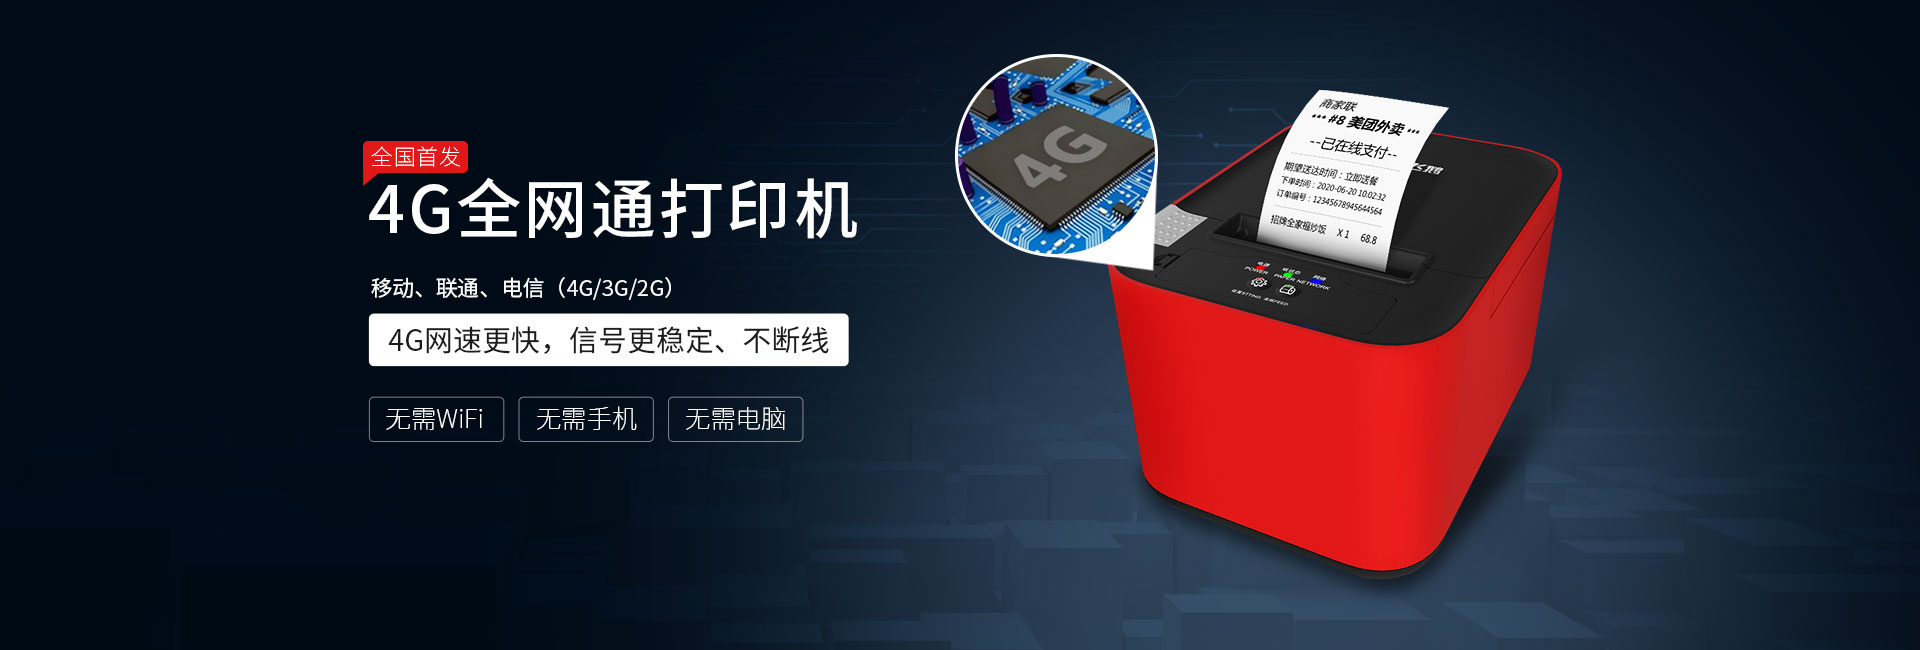 飞鹅4G全网通打印机全国首发